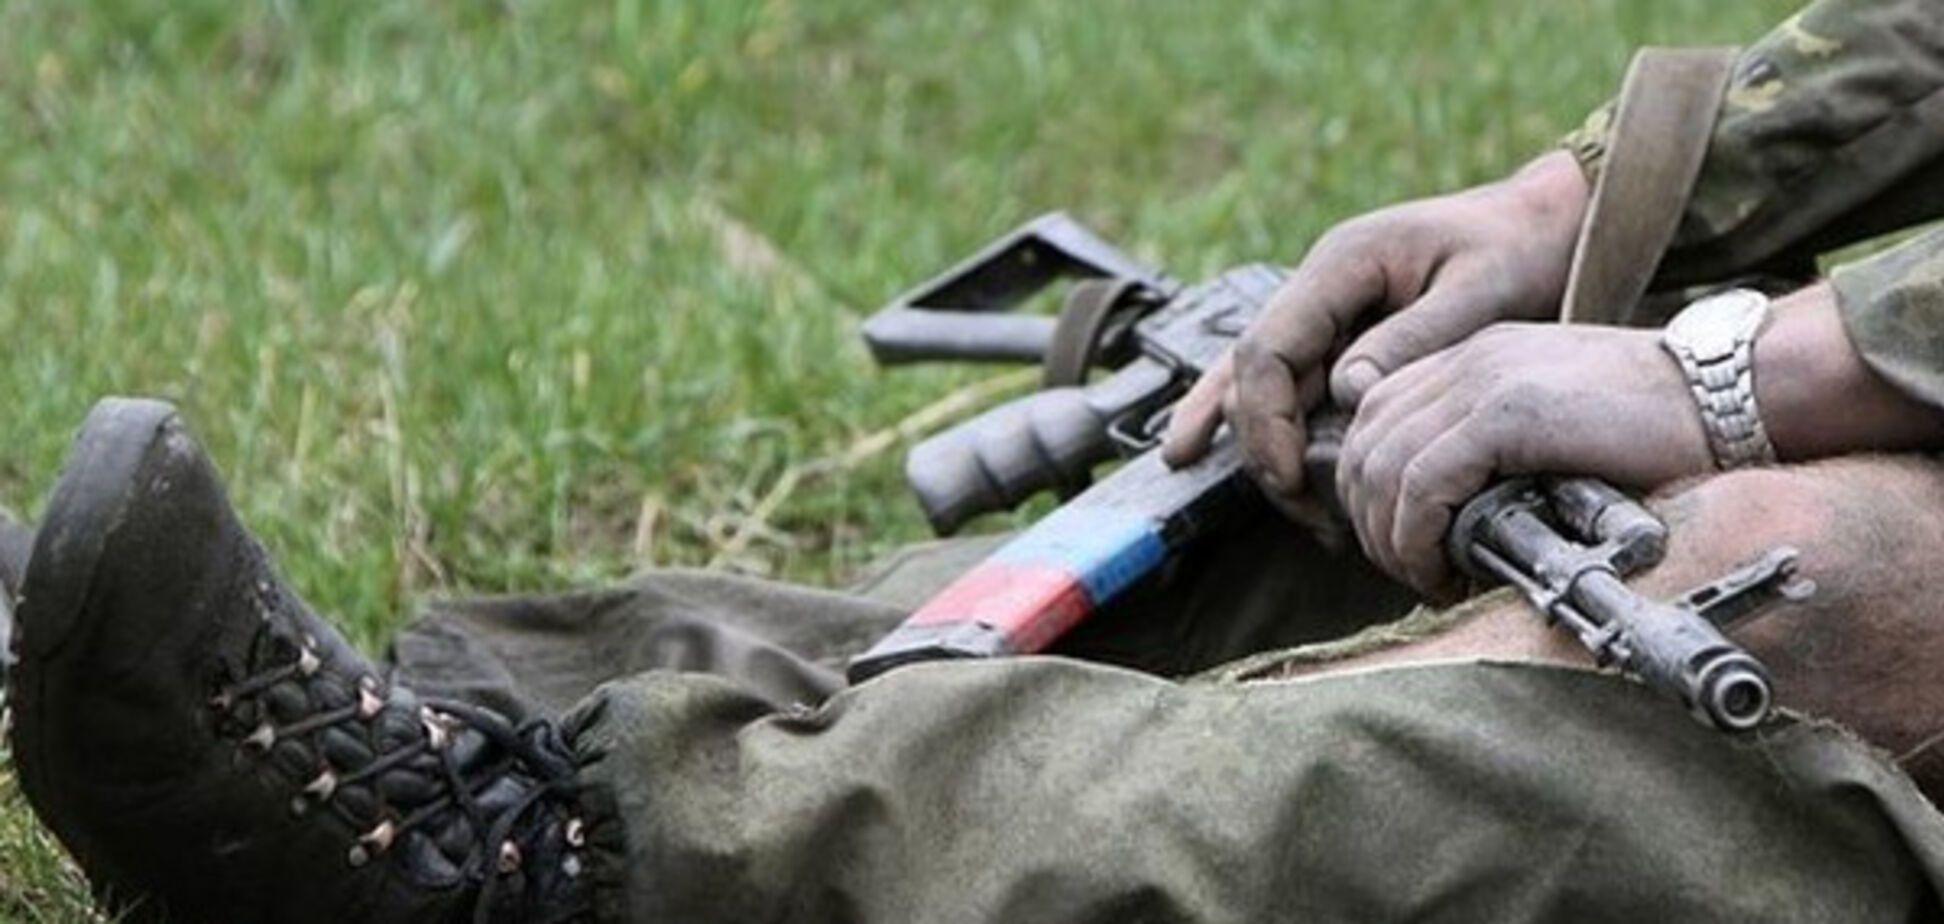 Российские 'командиры' стали зарабатывать на погибших боевиках